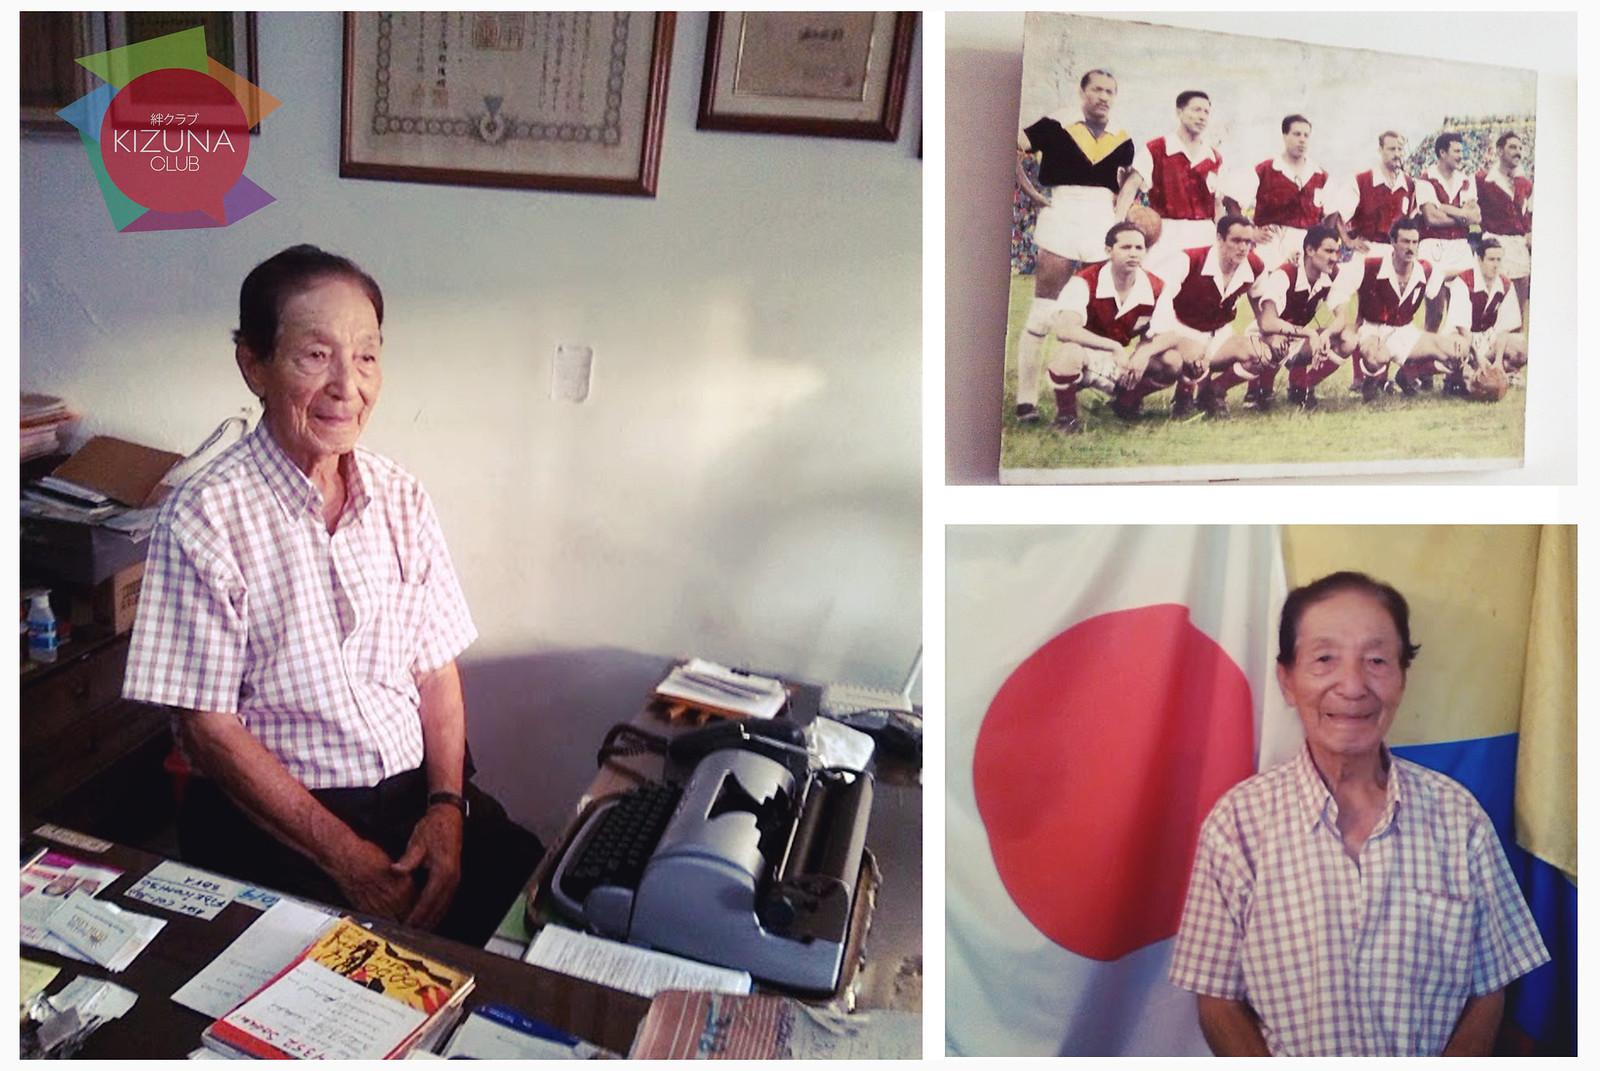 Jose Kaoru Doku japones campeon futbol colombiano Santa Fe